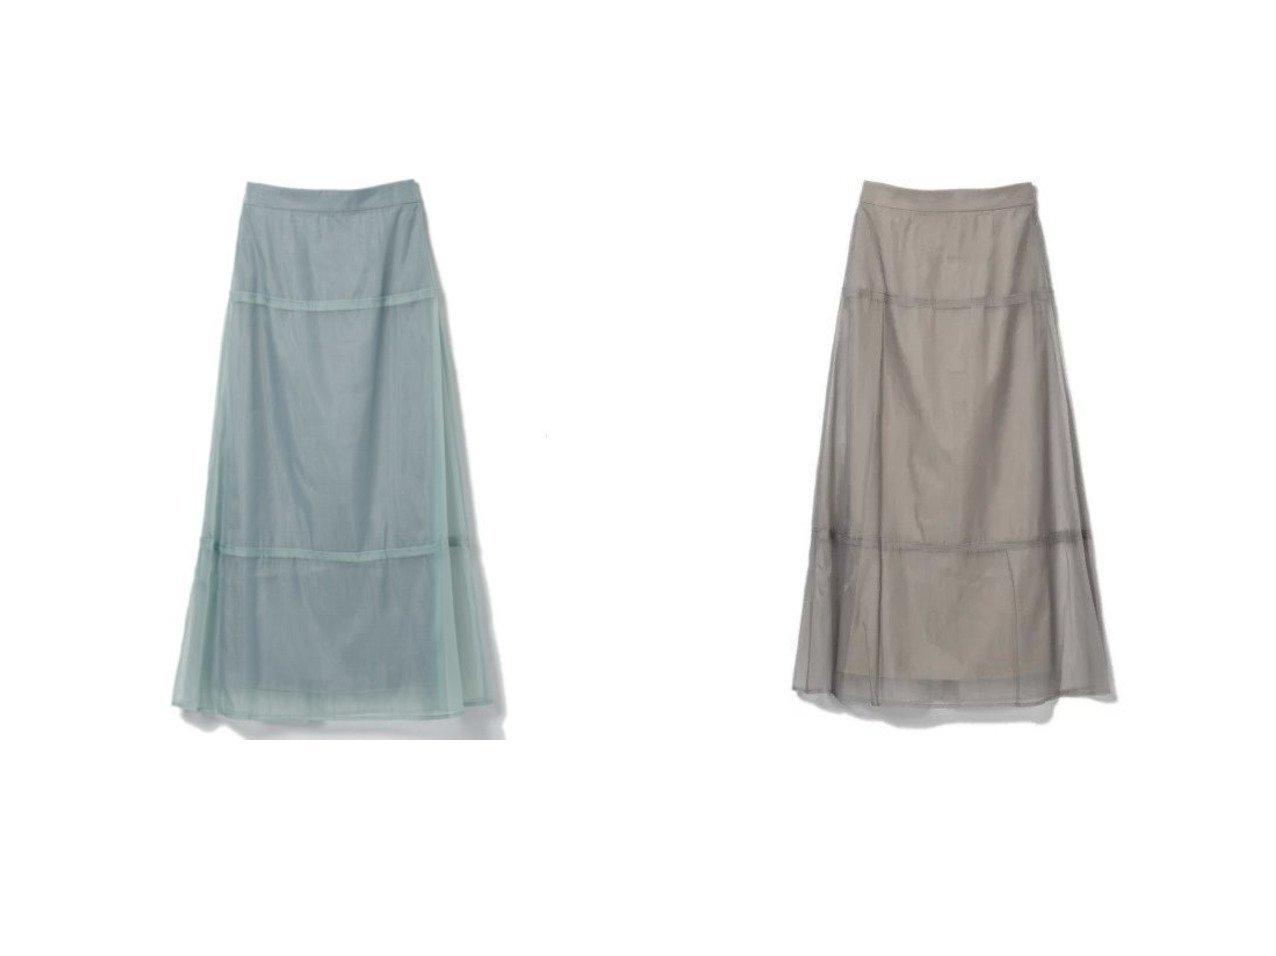 【DRWCYS/ドロシーズ】のシアーカバースカート 【スカート】おすすめ!人気、トレンド・レディースファッションの通販 おすすめで人気の流行・トレンド、ファッションの通販商品 インテリア・家具・メンズファッション・キッズファッション・レディースファッション・服の通販 founy(ファニー) https://founy.com/ ファッション Fashion レディースファッション WOMEN スカート Skirt おすすめ Recommend シアー ストレート セットアップ フロント ポケット マキシ リブニット ロング |ID:crp329100000047538